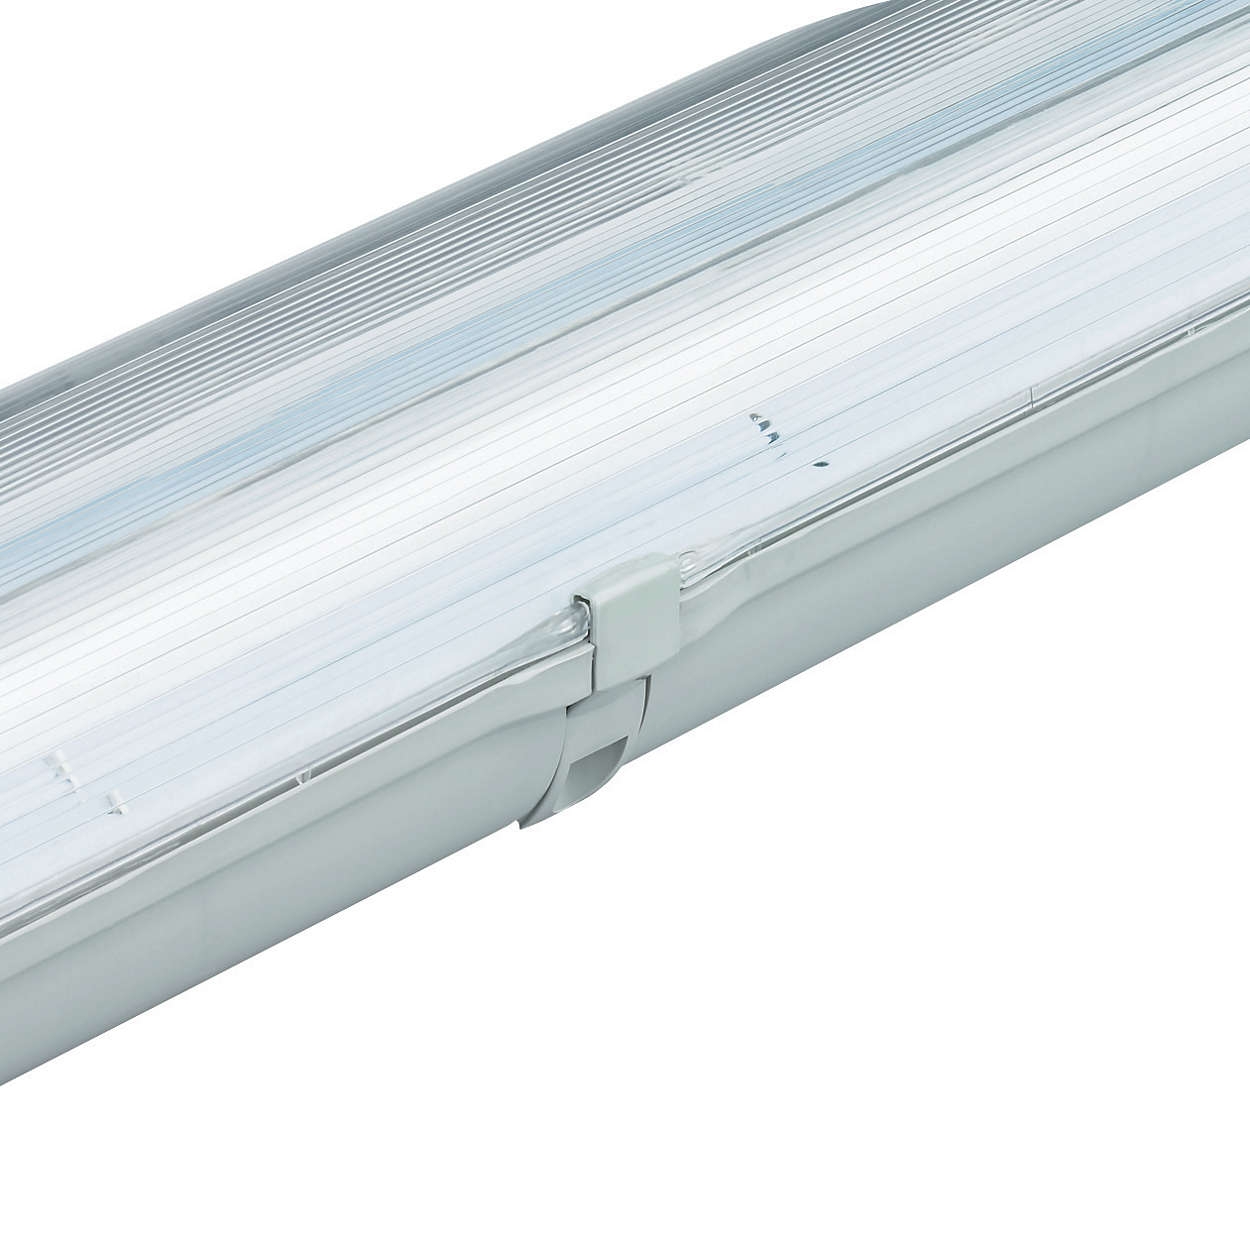 TCW060